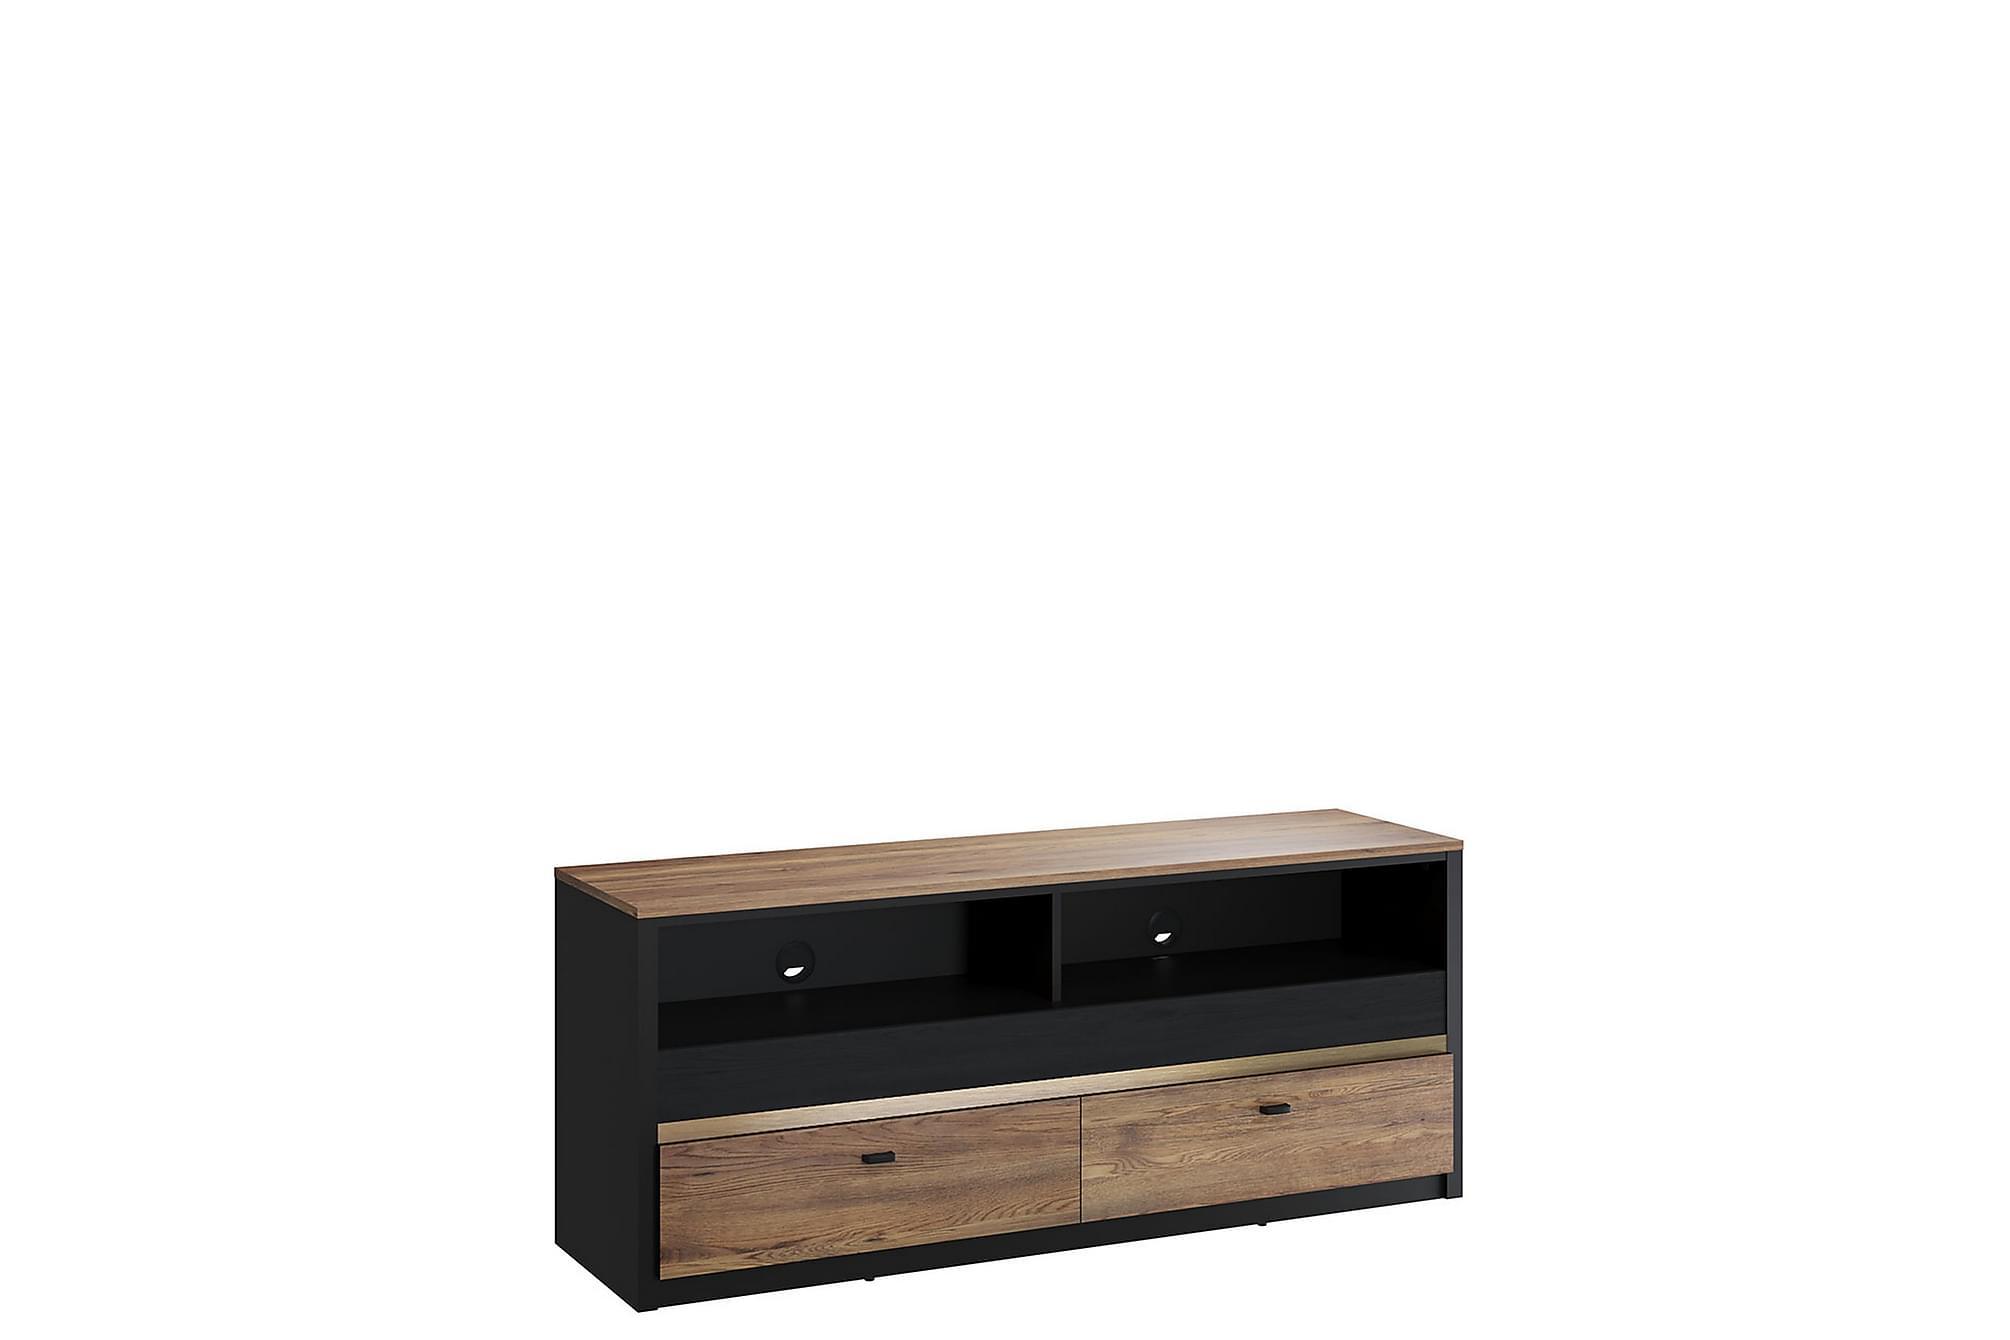 BELIZE TV-bänk 43x150 cm Svart/Trä, Mediamöbler